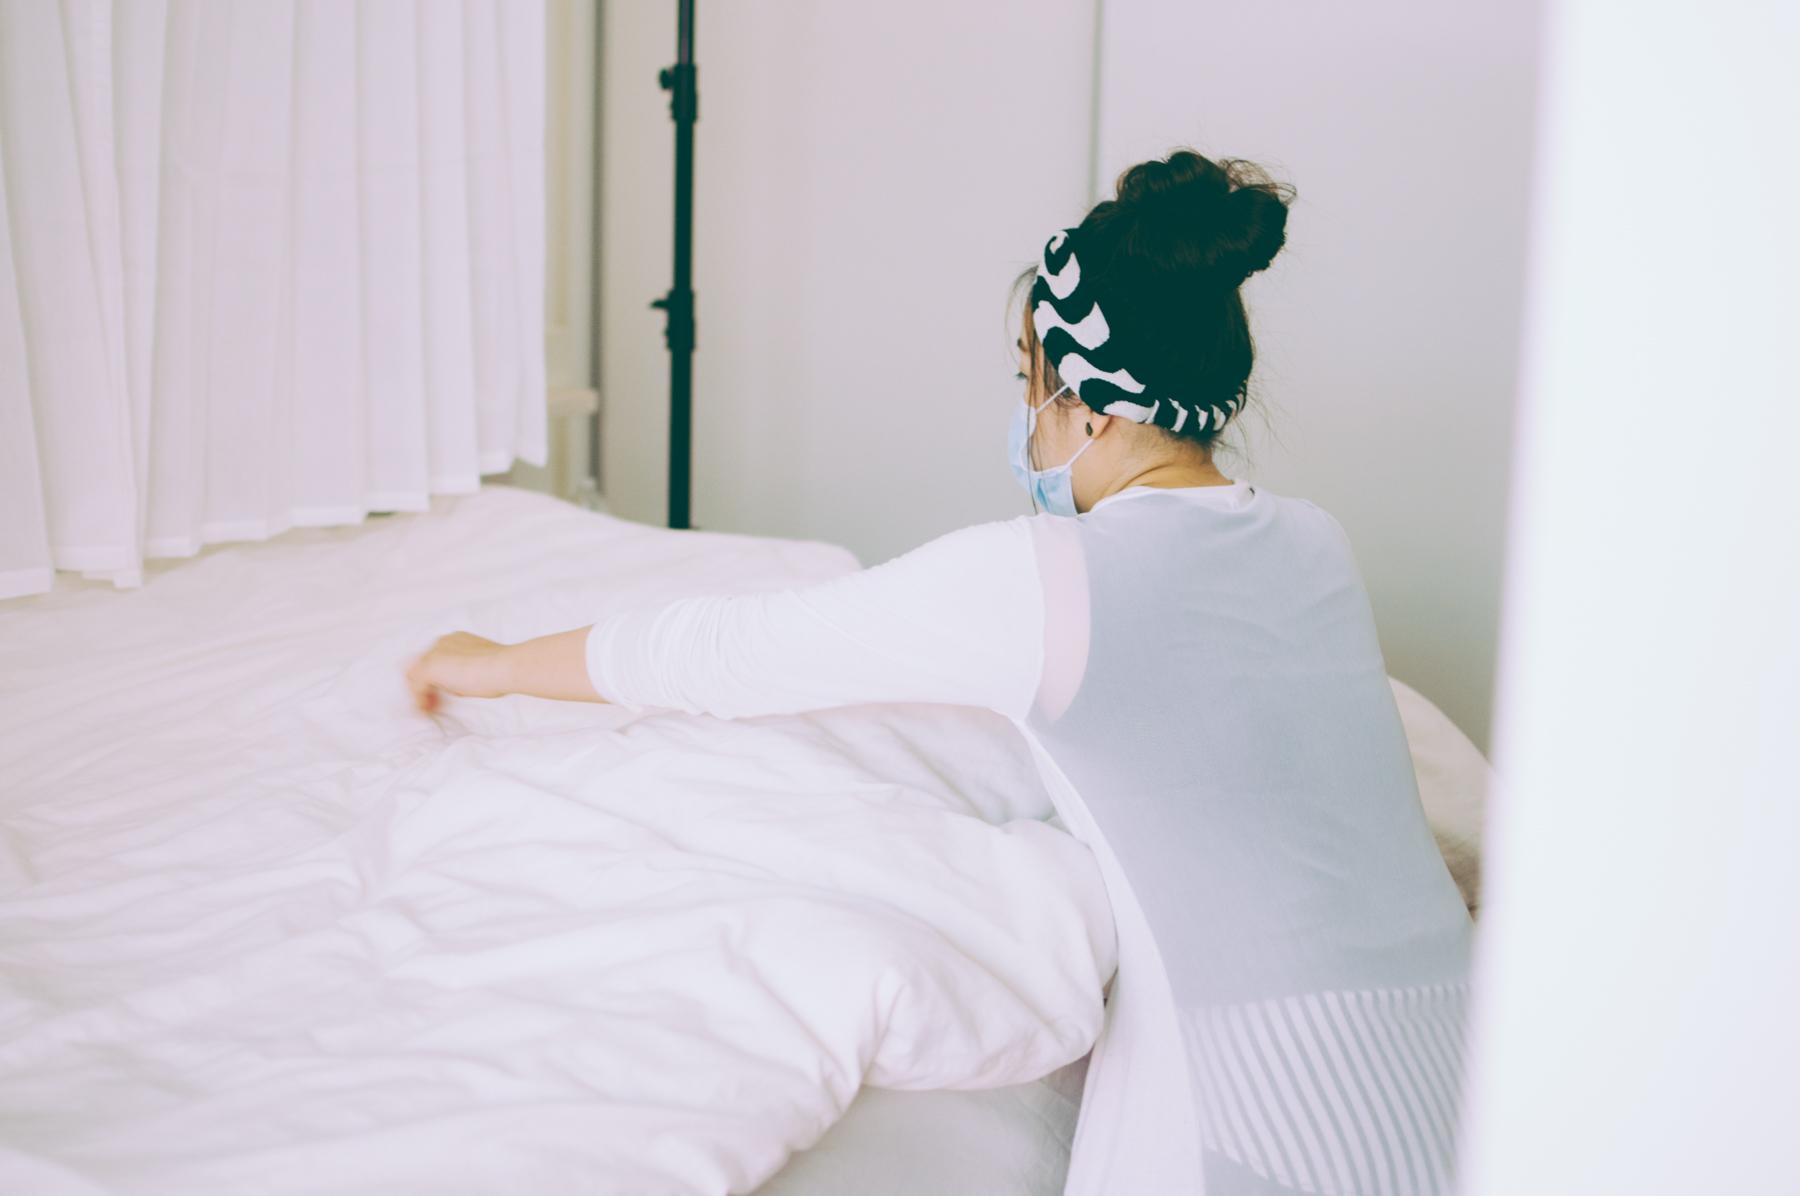 製造寶寶舒服睡覺的空間.jpg